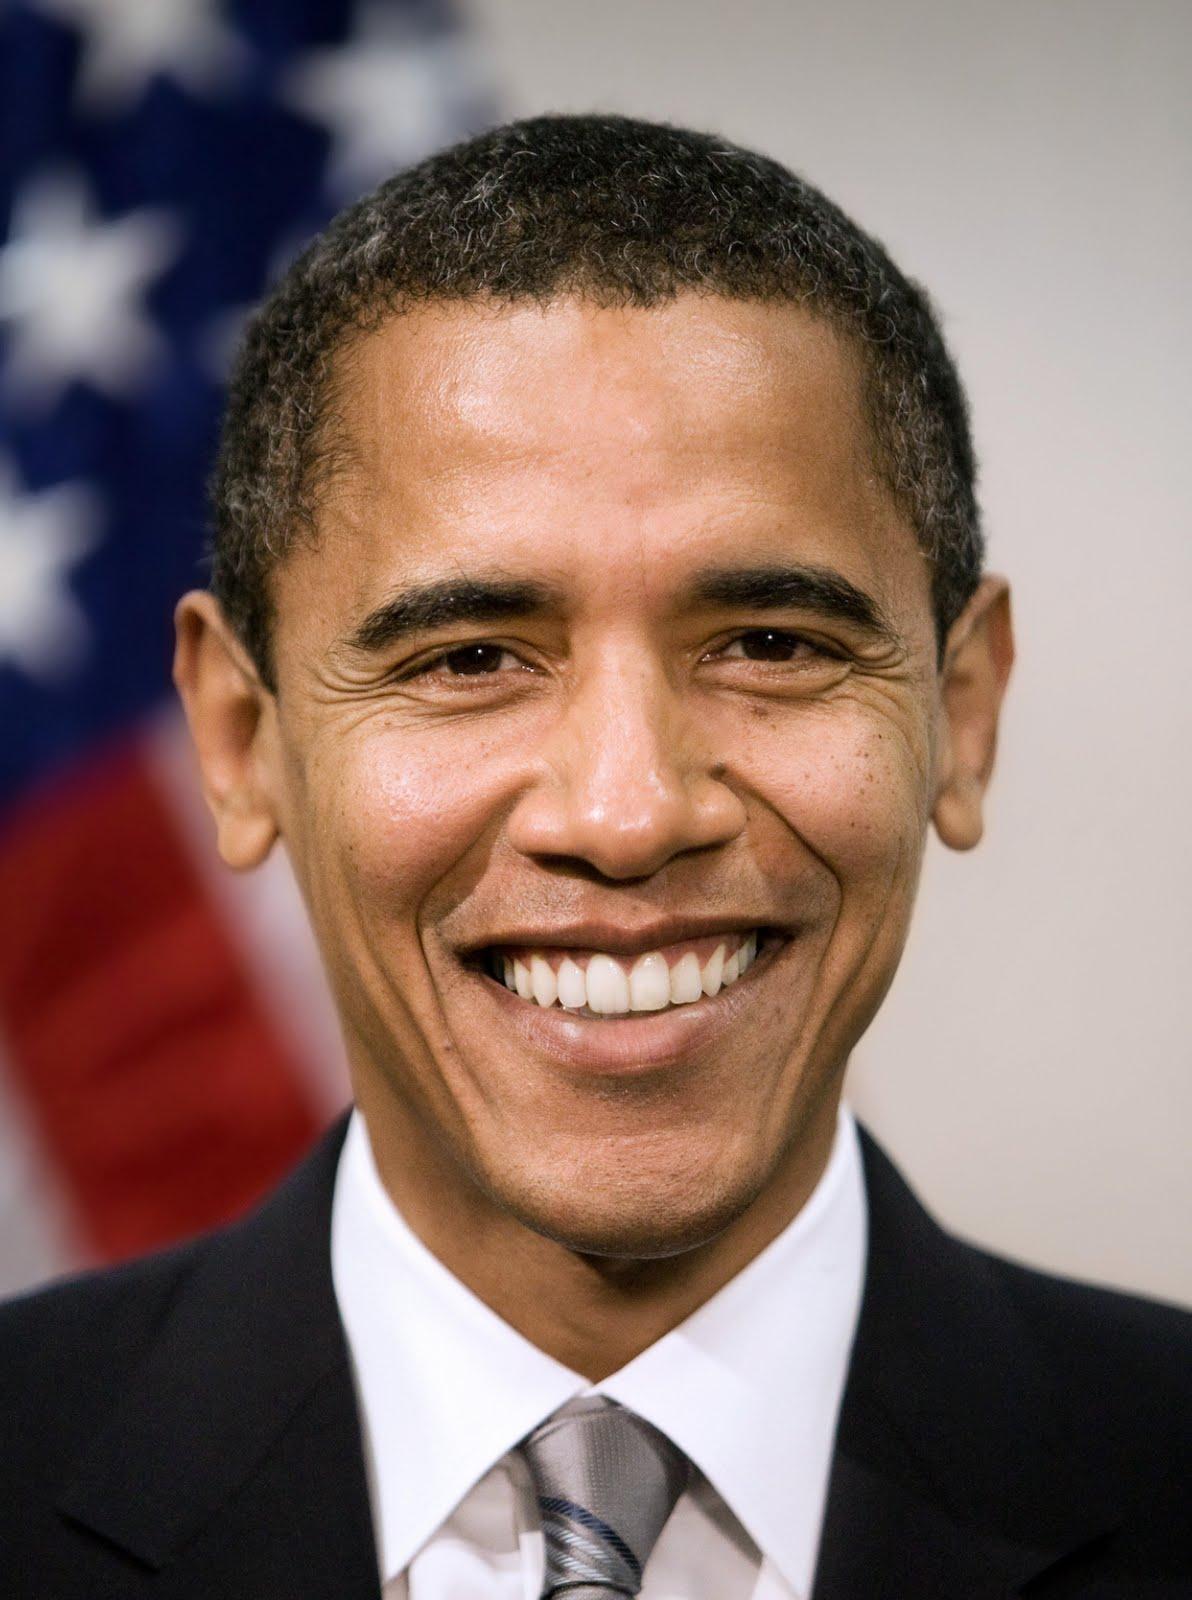 Obama celebrity speech